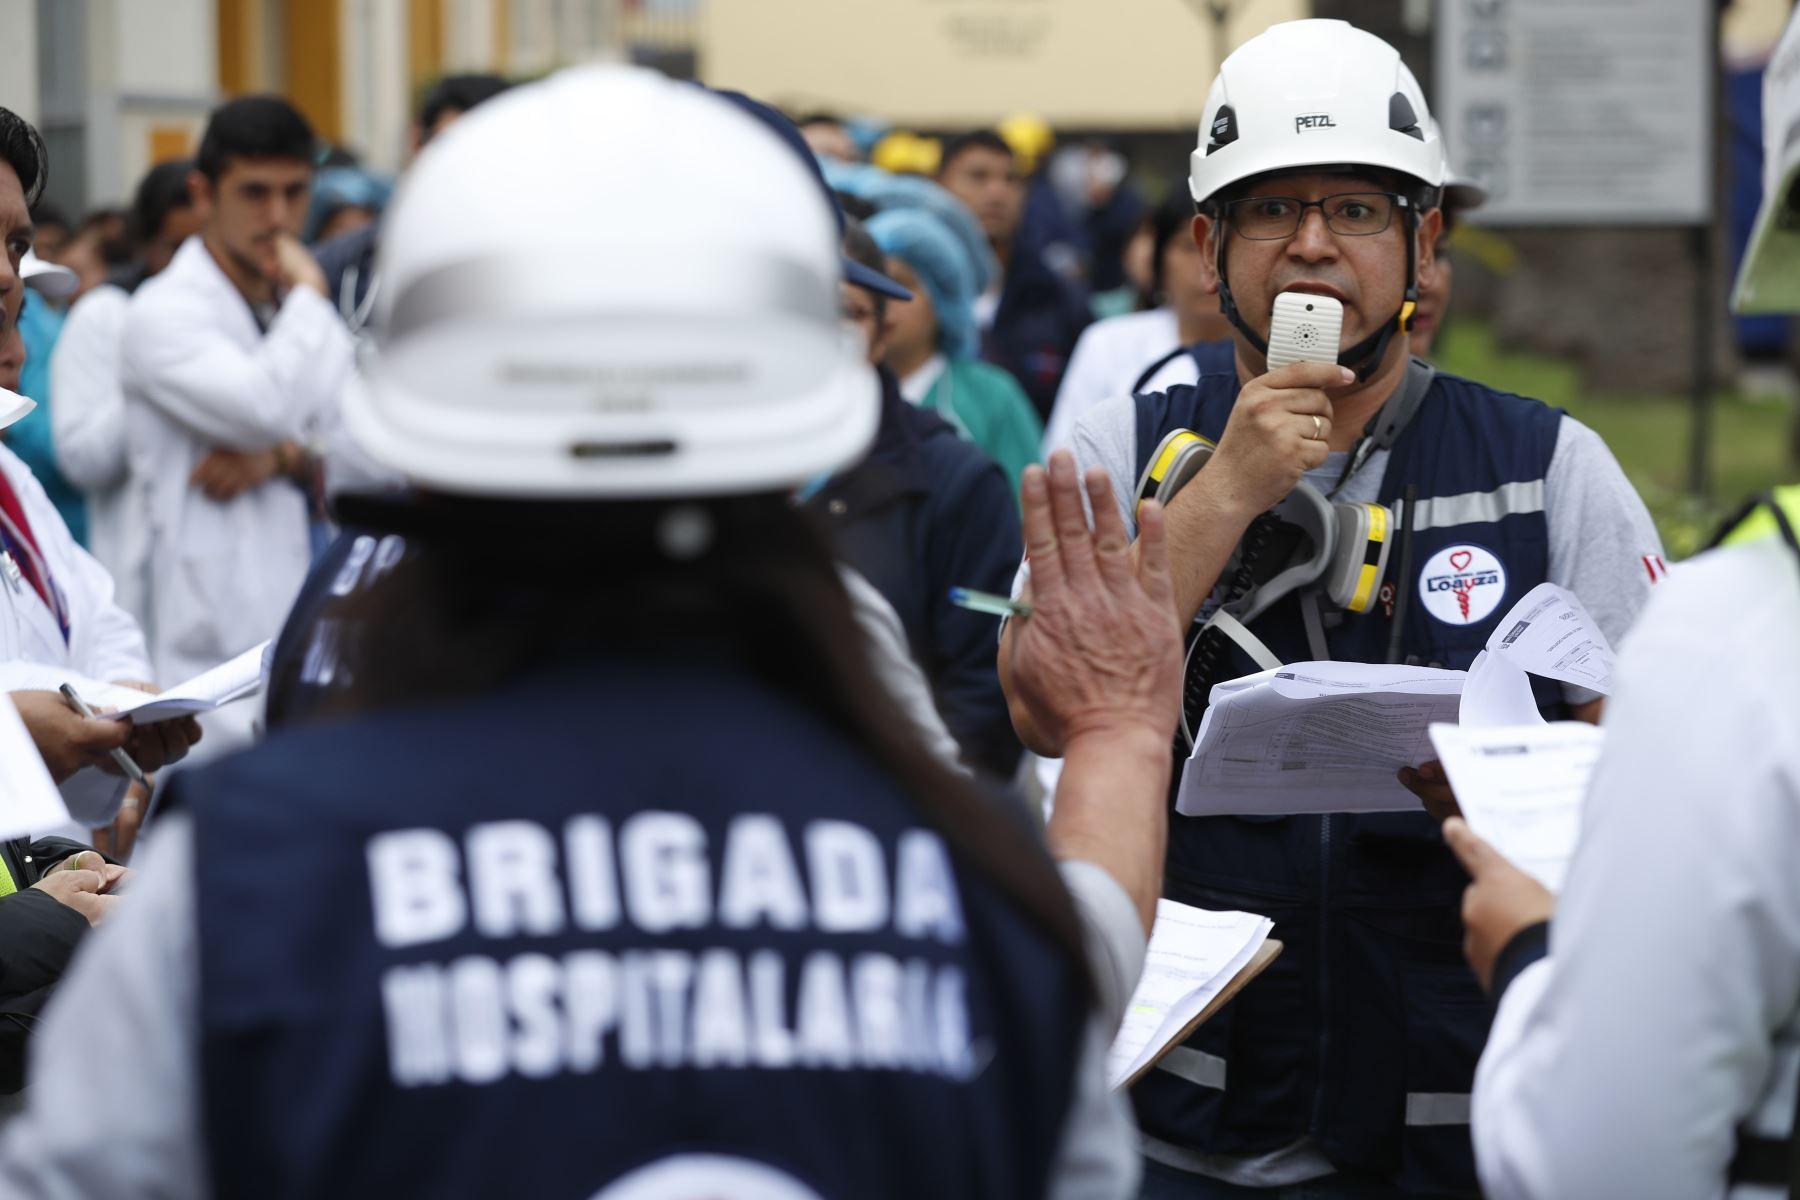 Brigada hospitalaria del Hospital Loayza. Foto: ANDINA/Josue Ramos